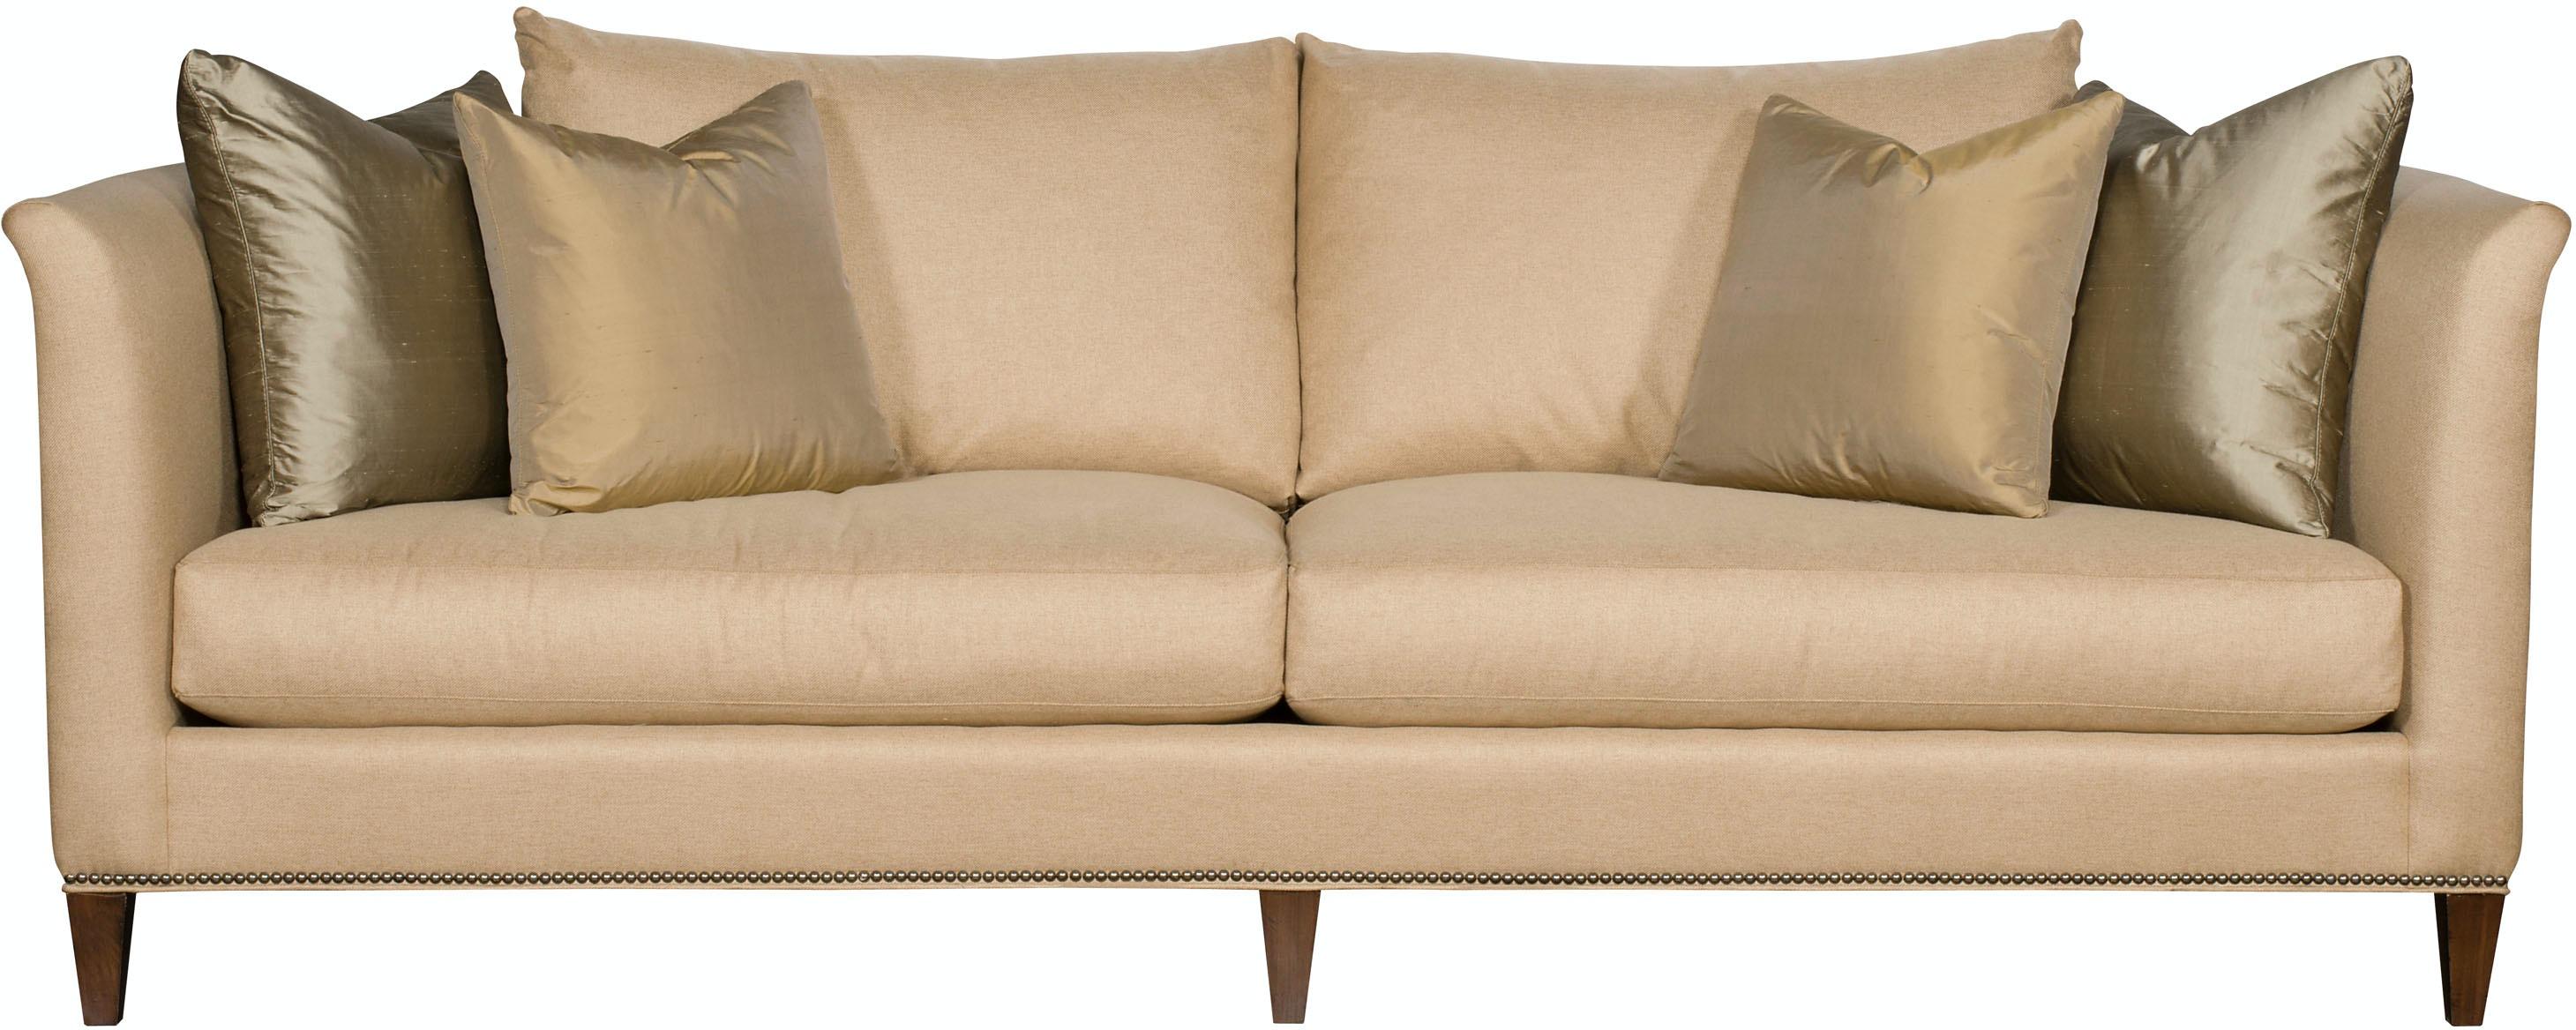 Vanguard Furniture V949 2S Living Room Flanagan Sofa